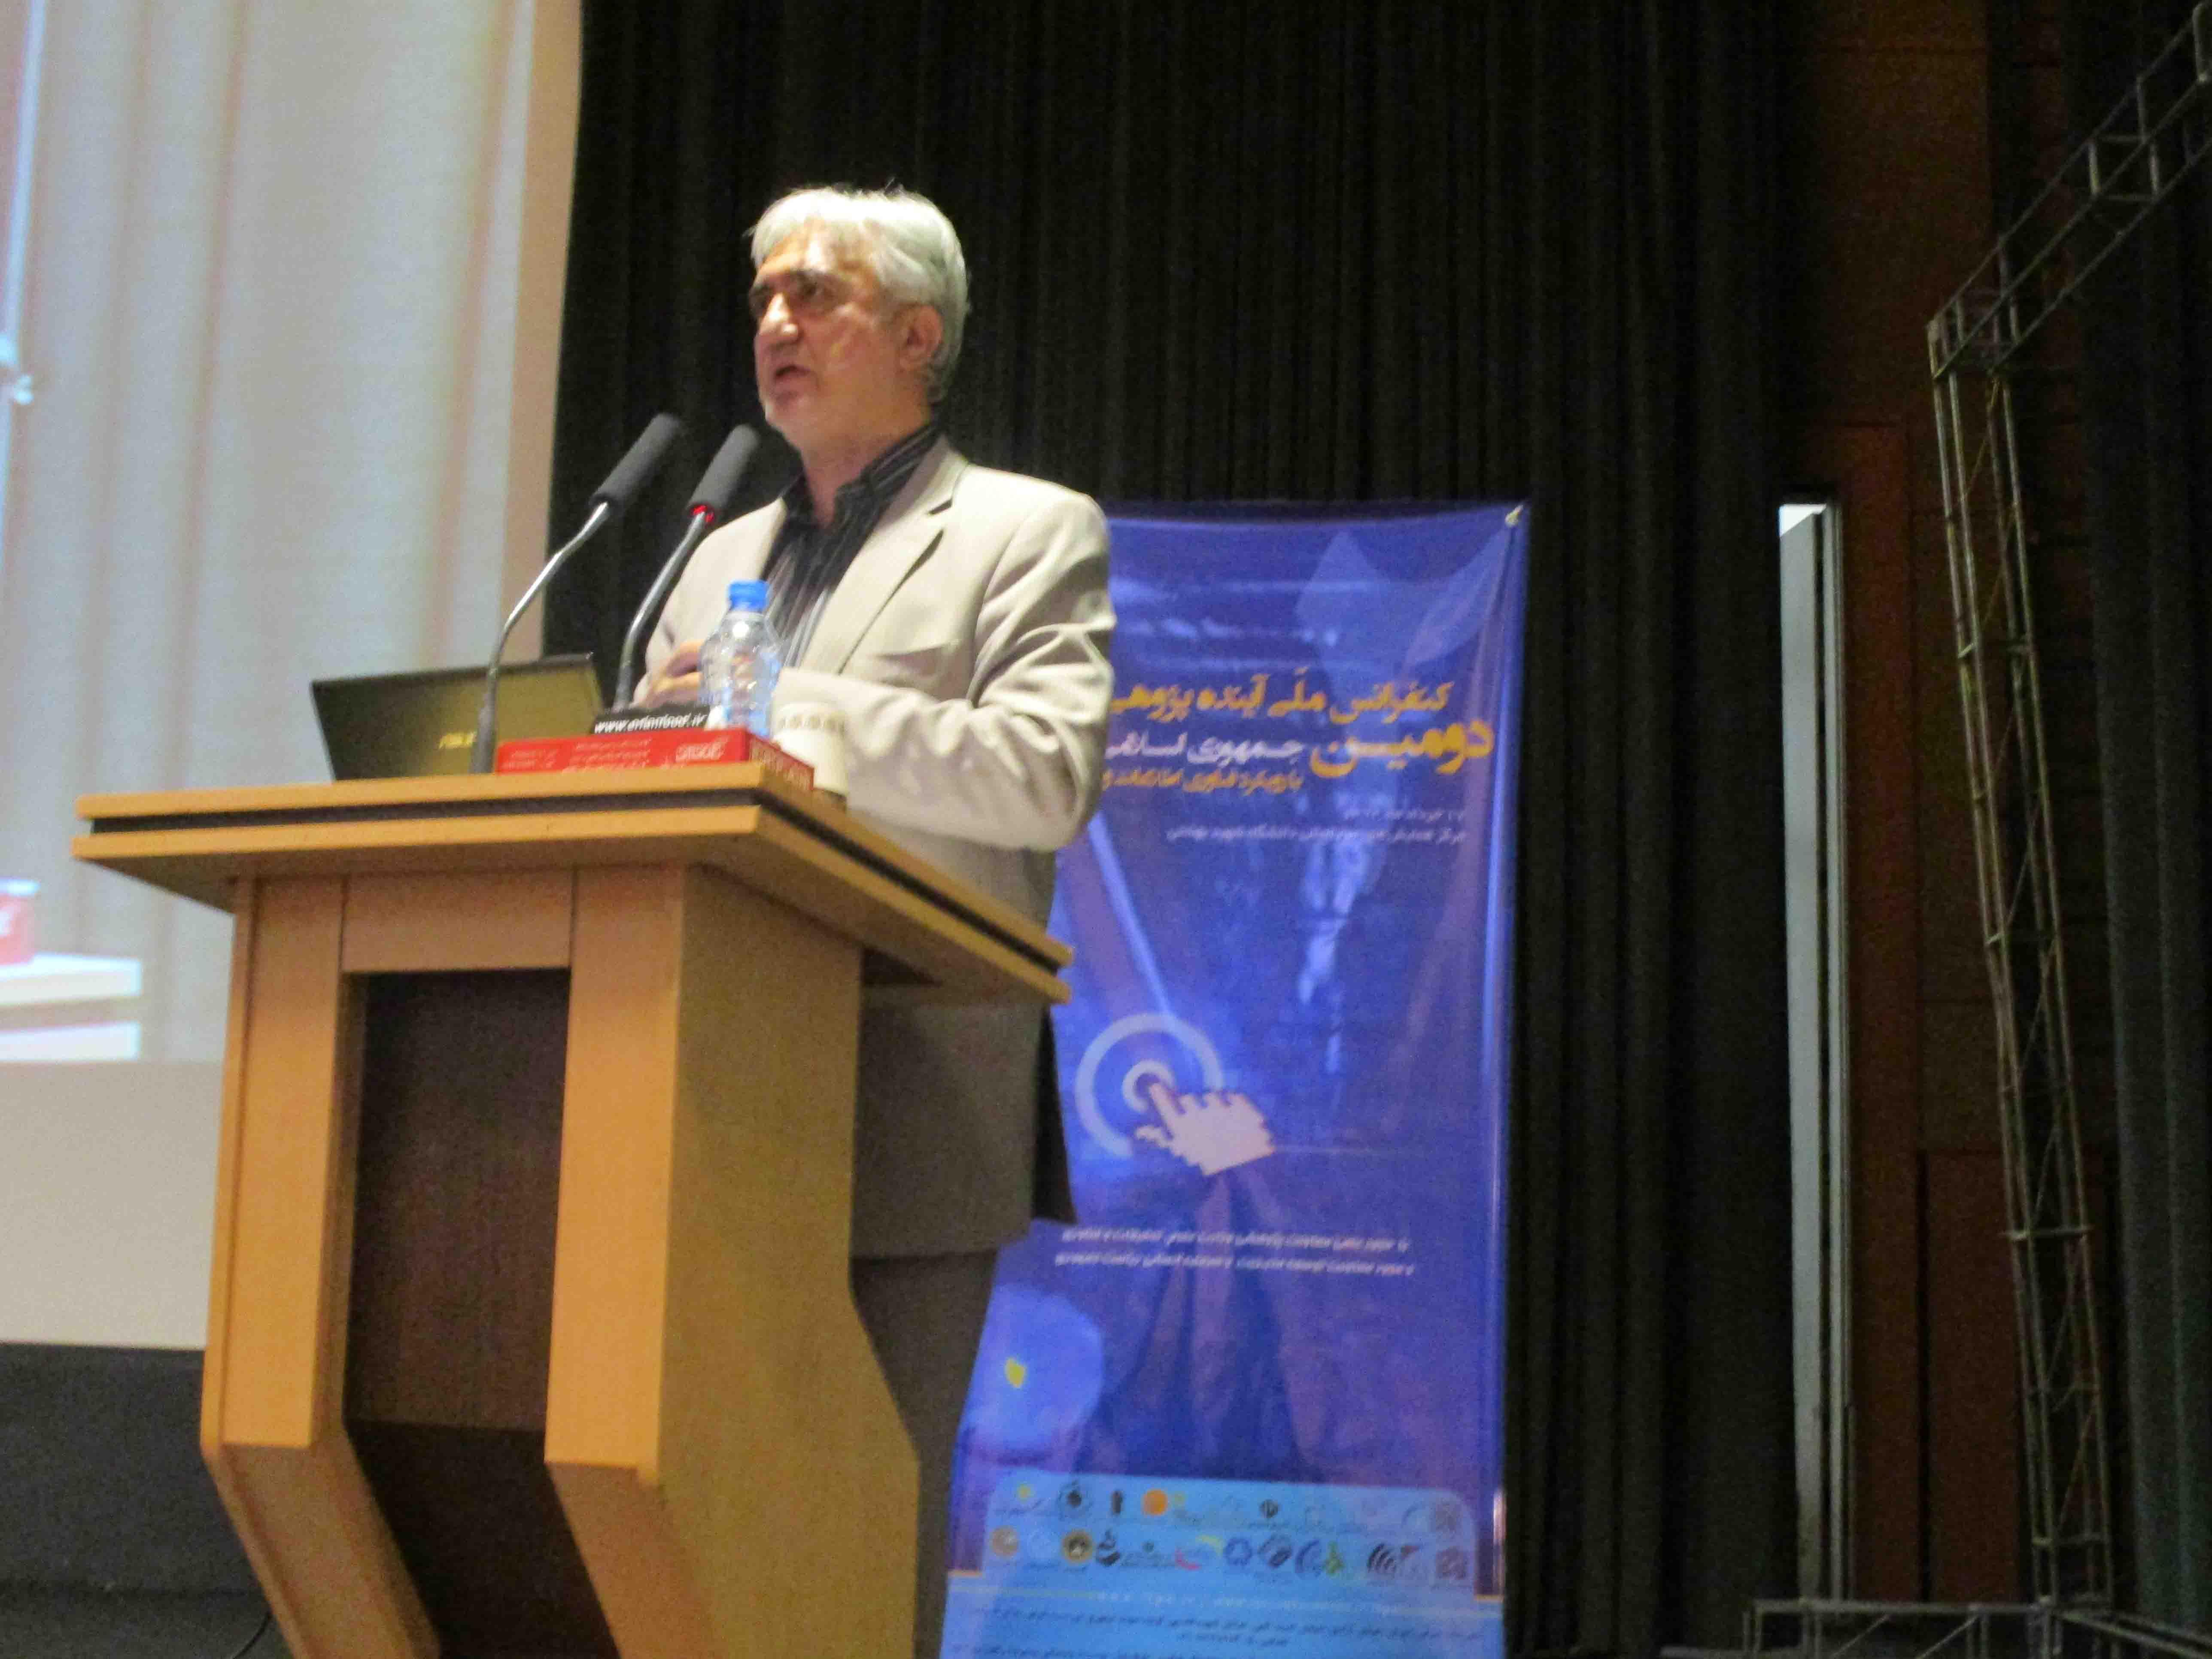 دومین کنفرانس ملی آینده پژوهی با رویکرد فناوری اطلاعات وارتباطات